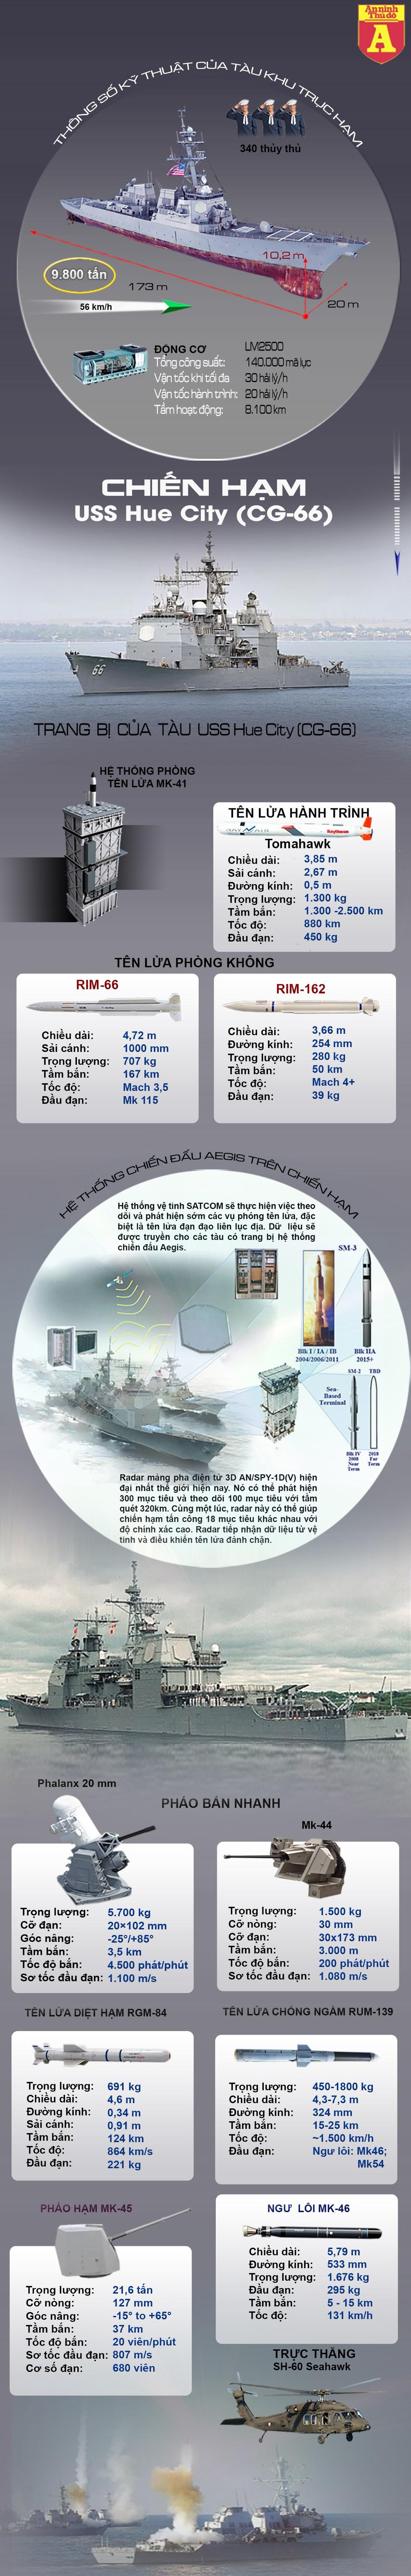 [Info] Khu trục hạm trang bị tên lửa Tomahawk của Mỹ mang tên Tp Huế, Việt Nam ảnh 2